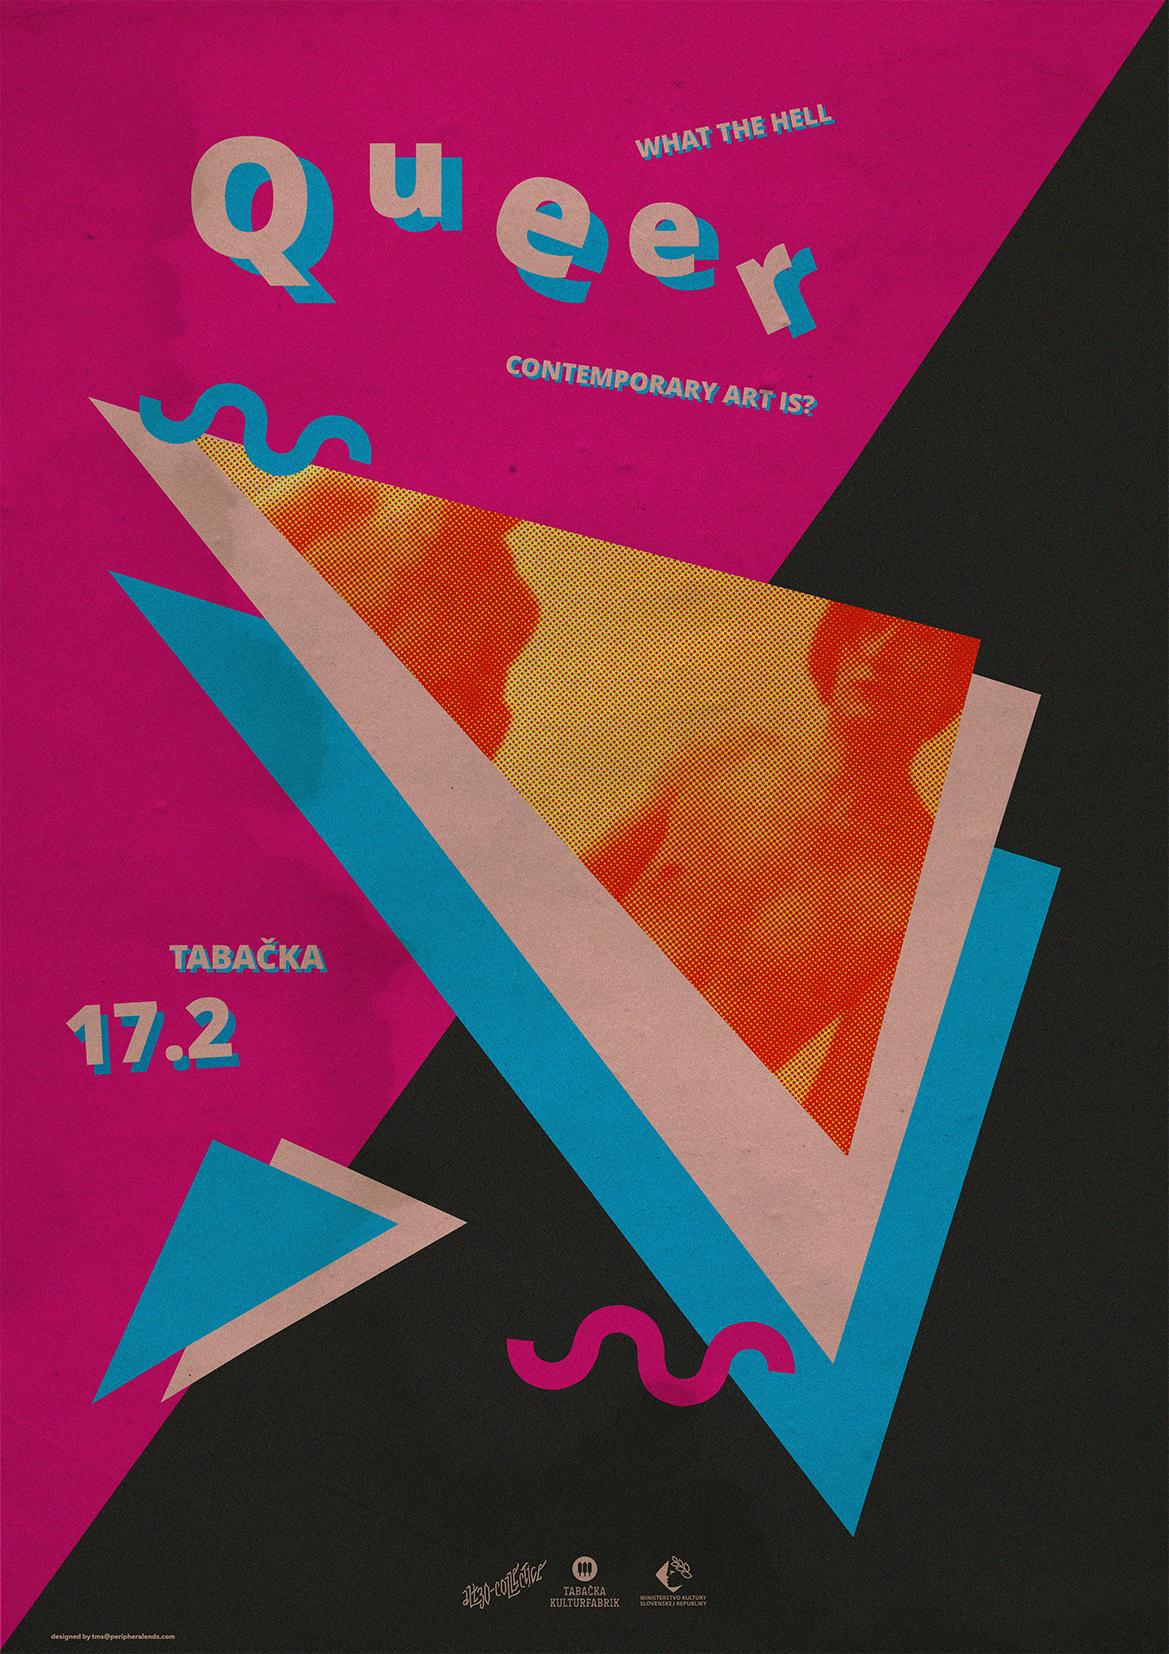 Queer_art_poster_A3_3.cdr